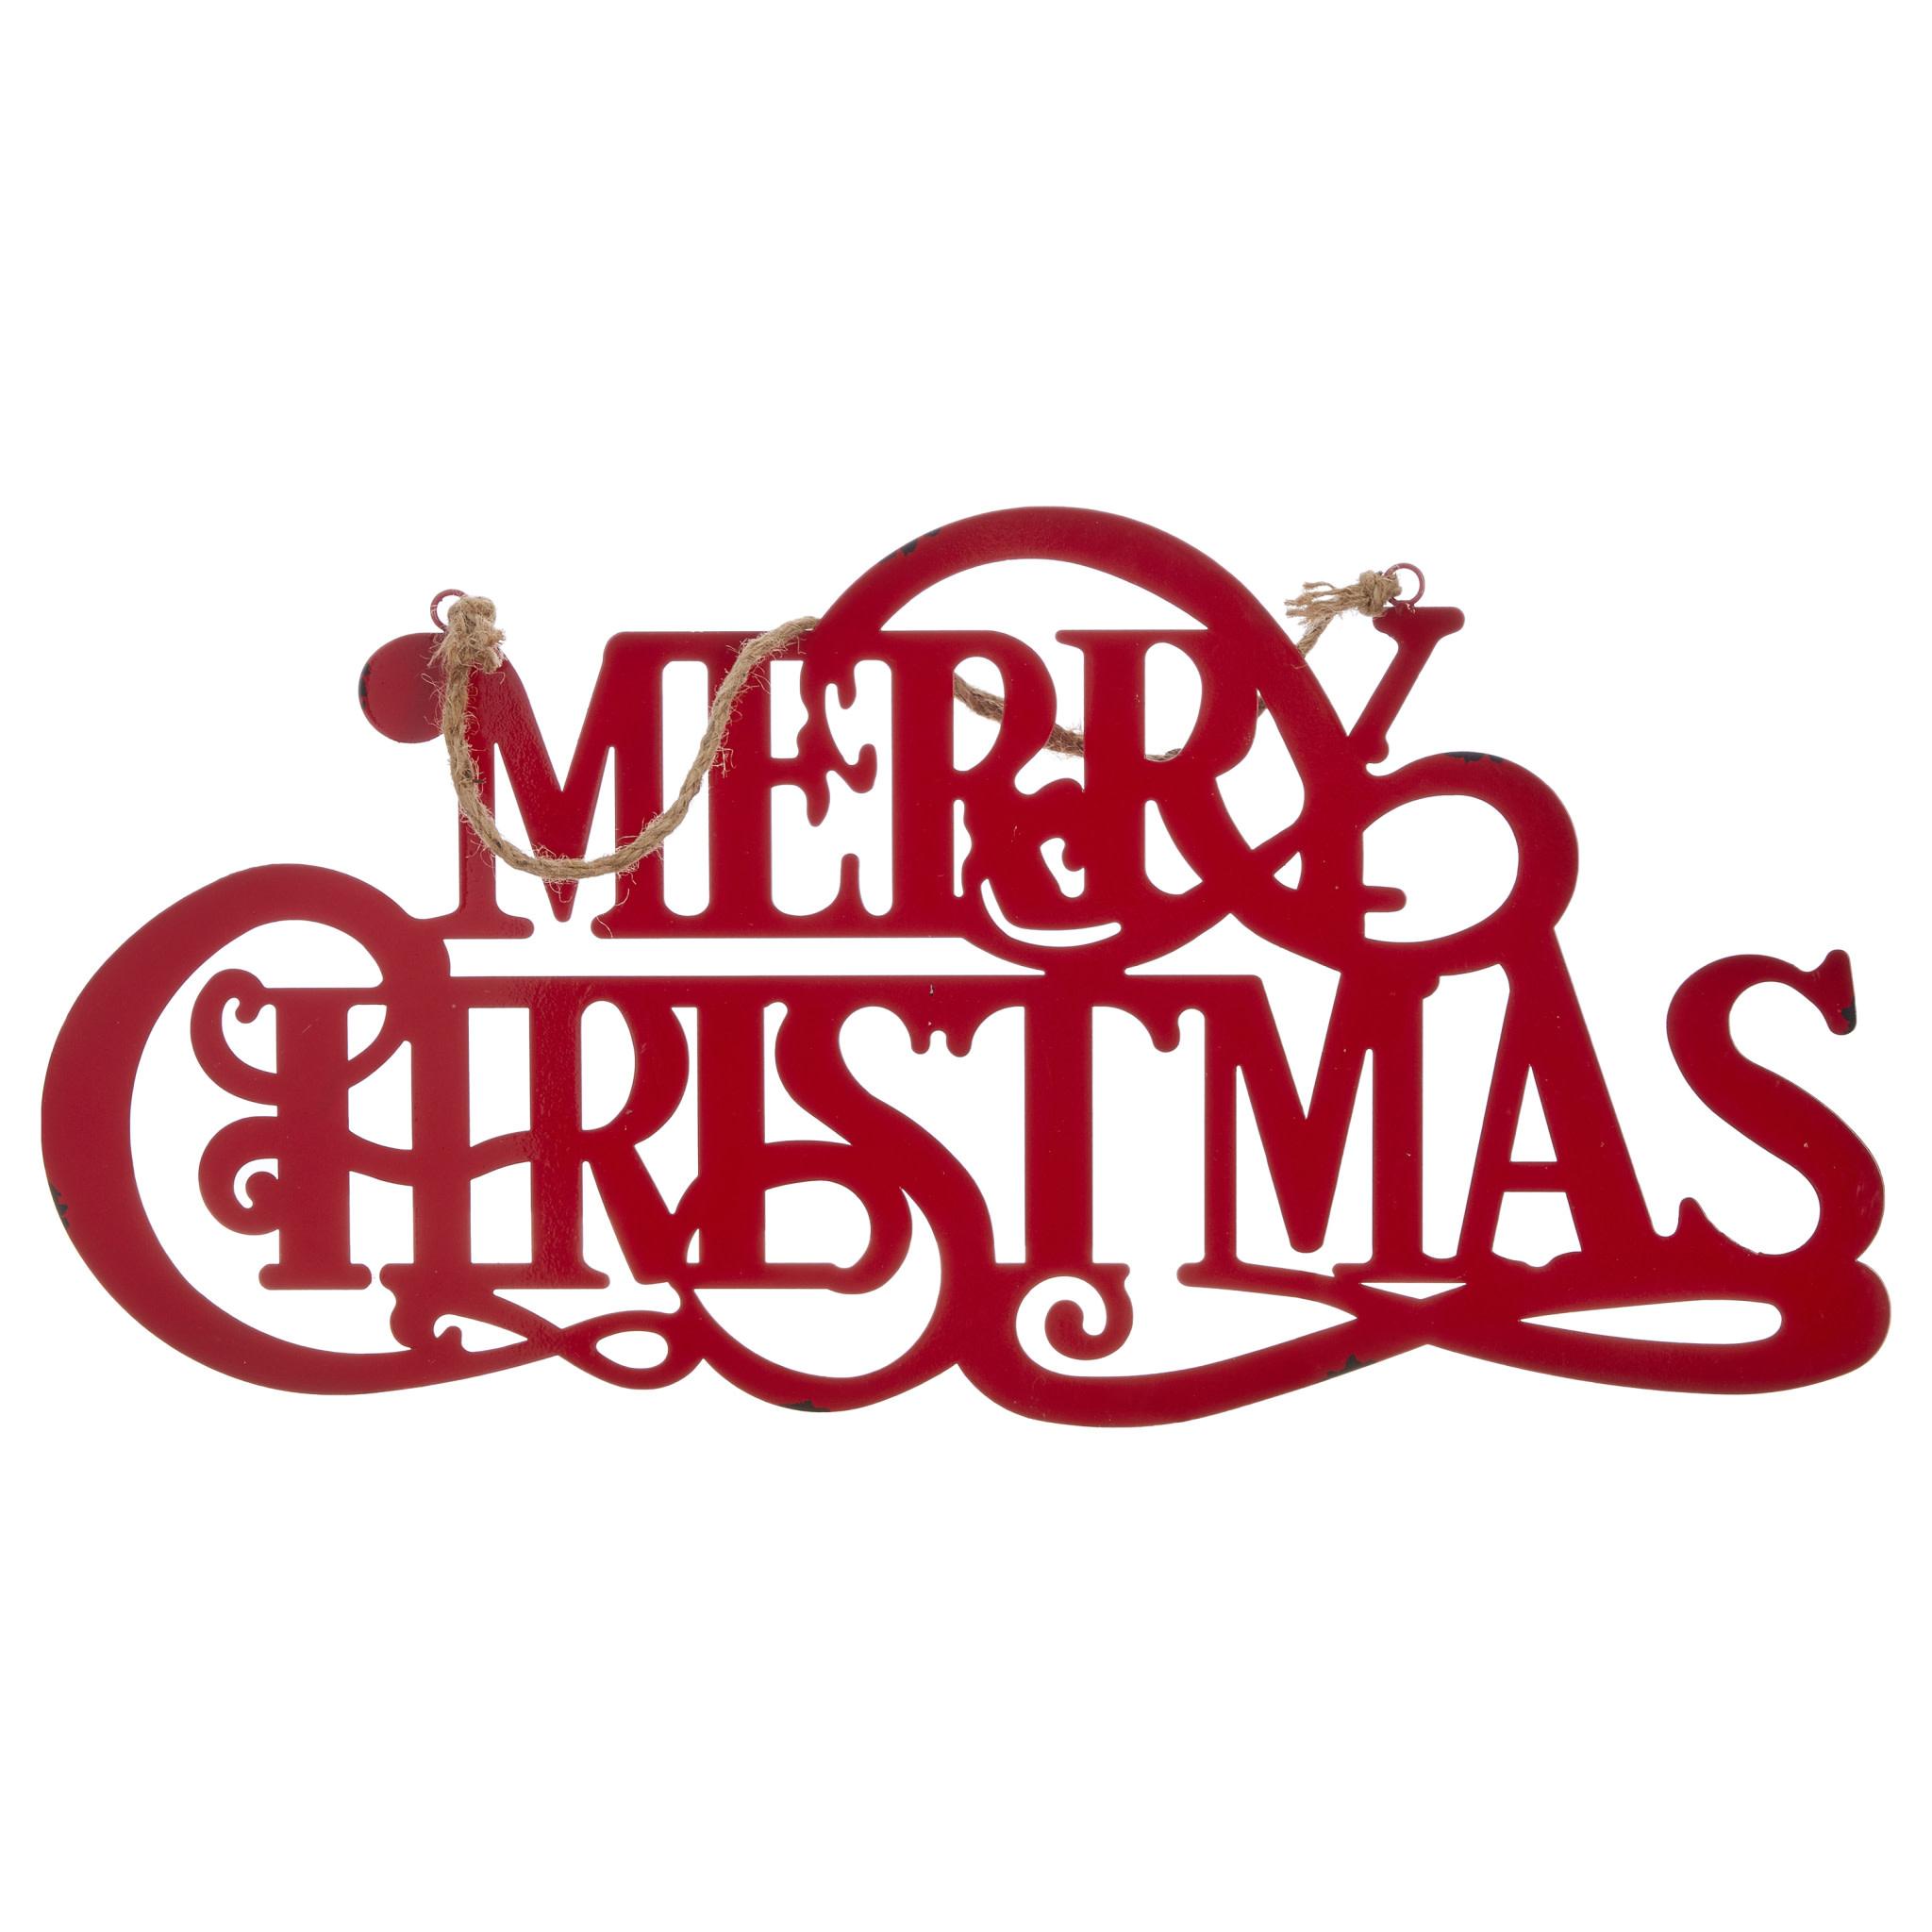 Christmas Signs.Metal Merry Christmas Hanging Sign Amazing Christmas Signs